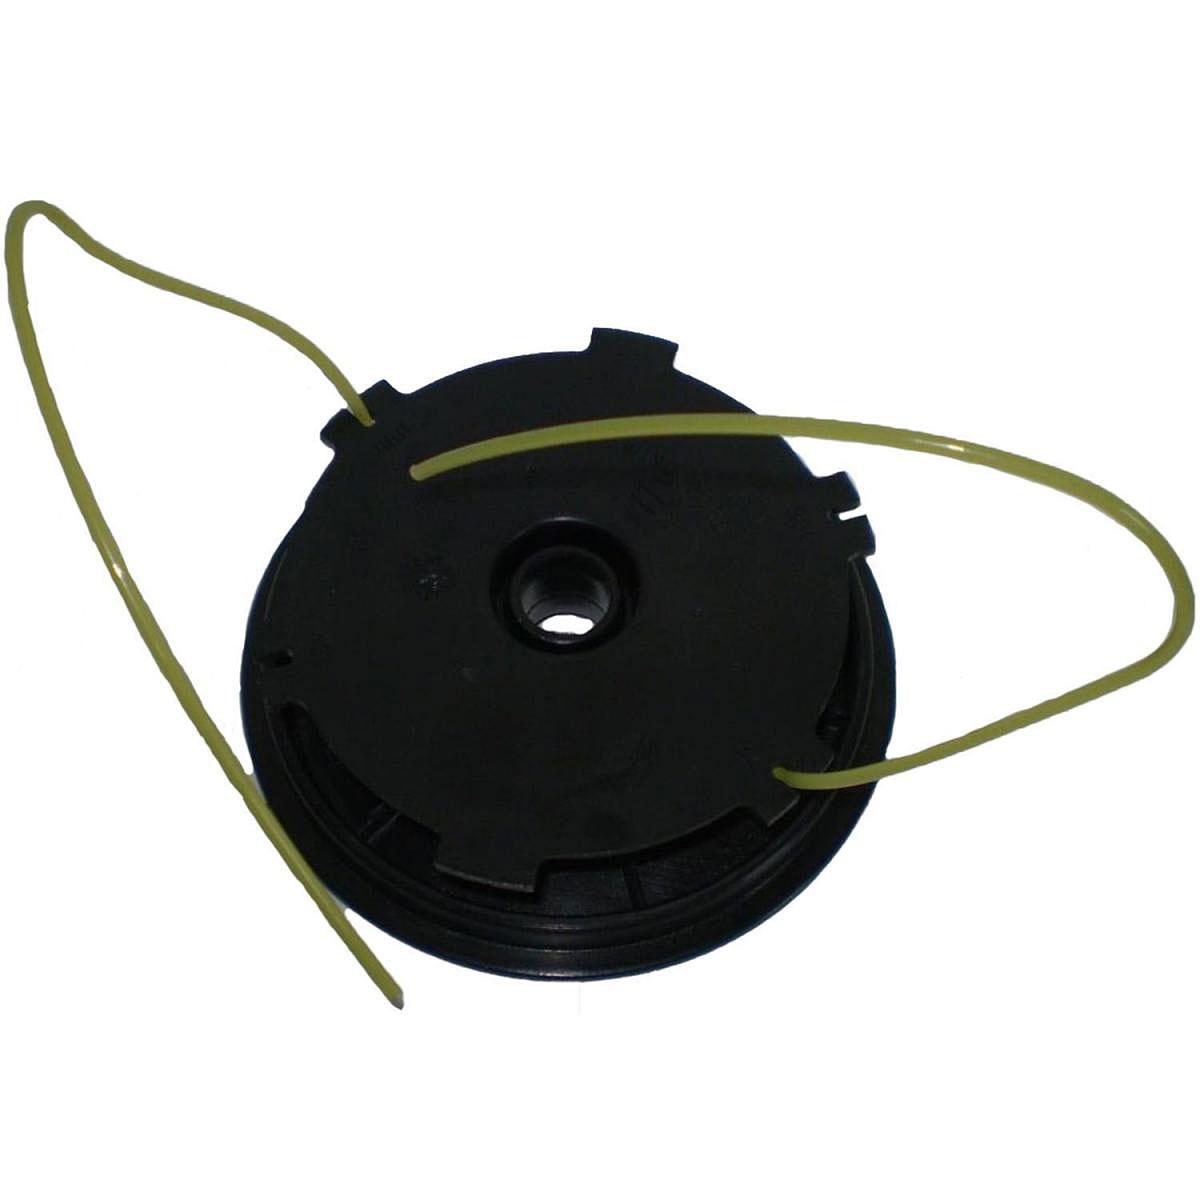 IKRAmogatec Ersatzspule DA-F15, ca. 2 x 2,5 m / 2,5 mm Ø